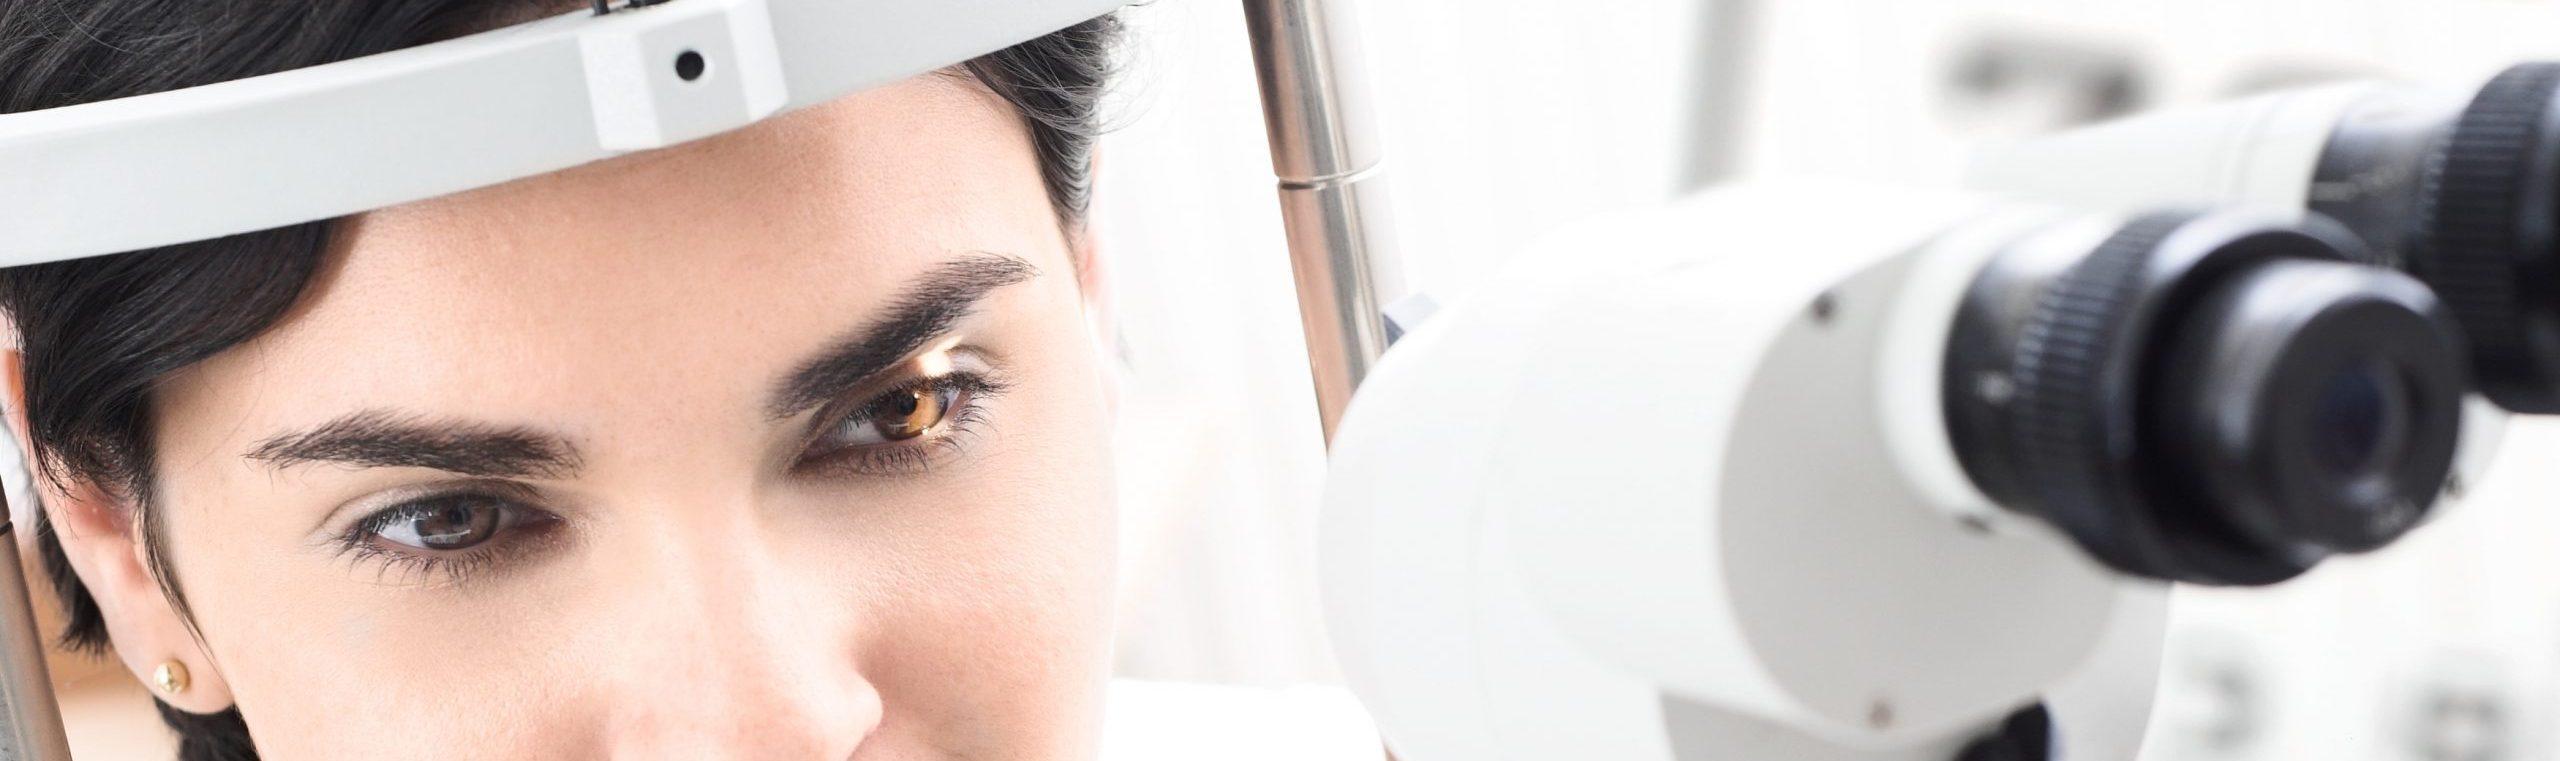 Kontaktlinsenanpassung und Nachkontrollen für Ihre Augengesundheit